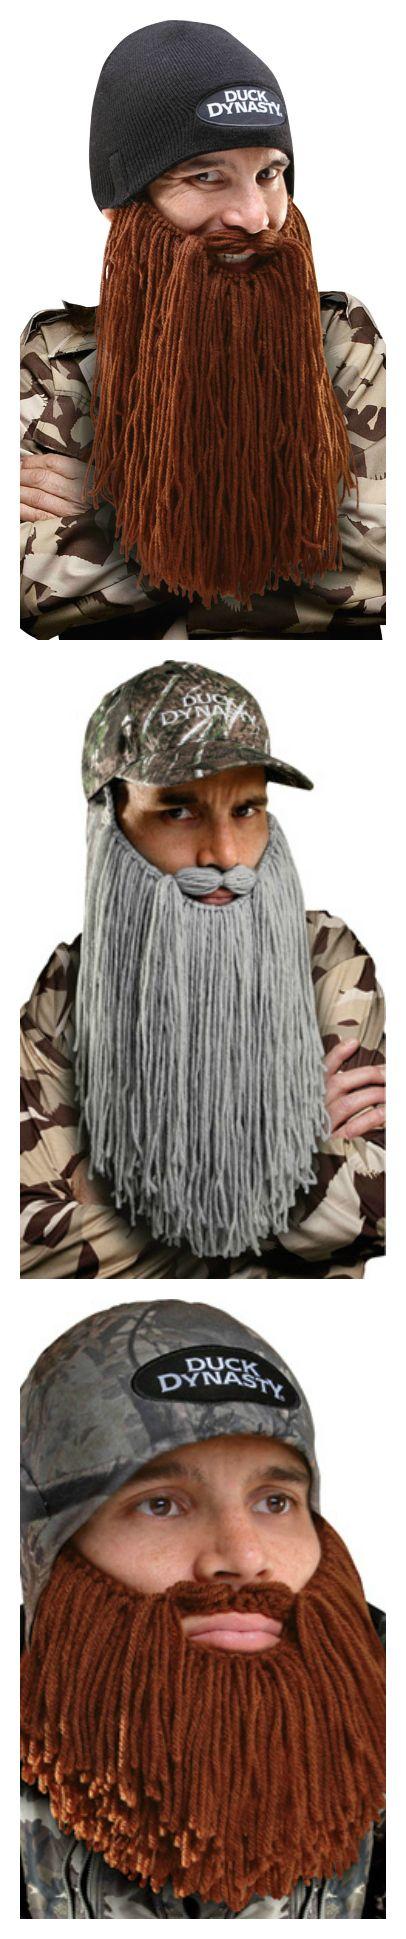 Duck Dynasty Beard Hats - Keep Your Face Happy, Happy, Happy